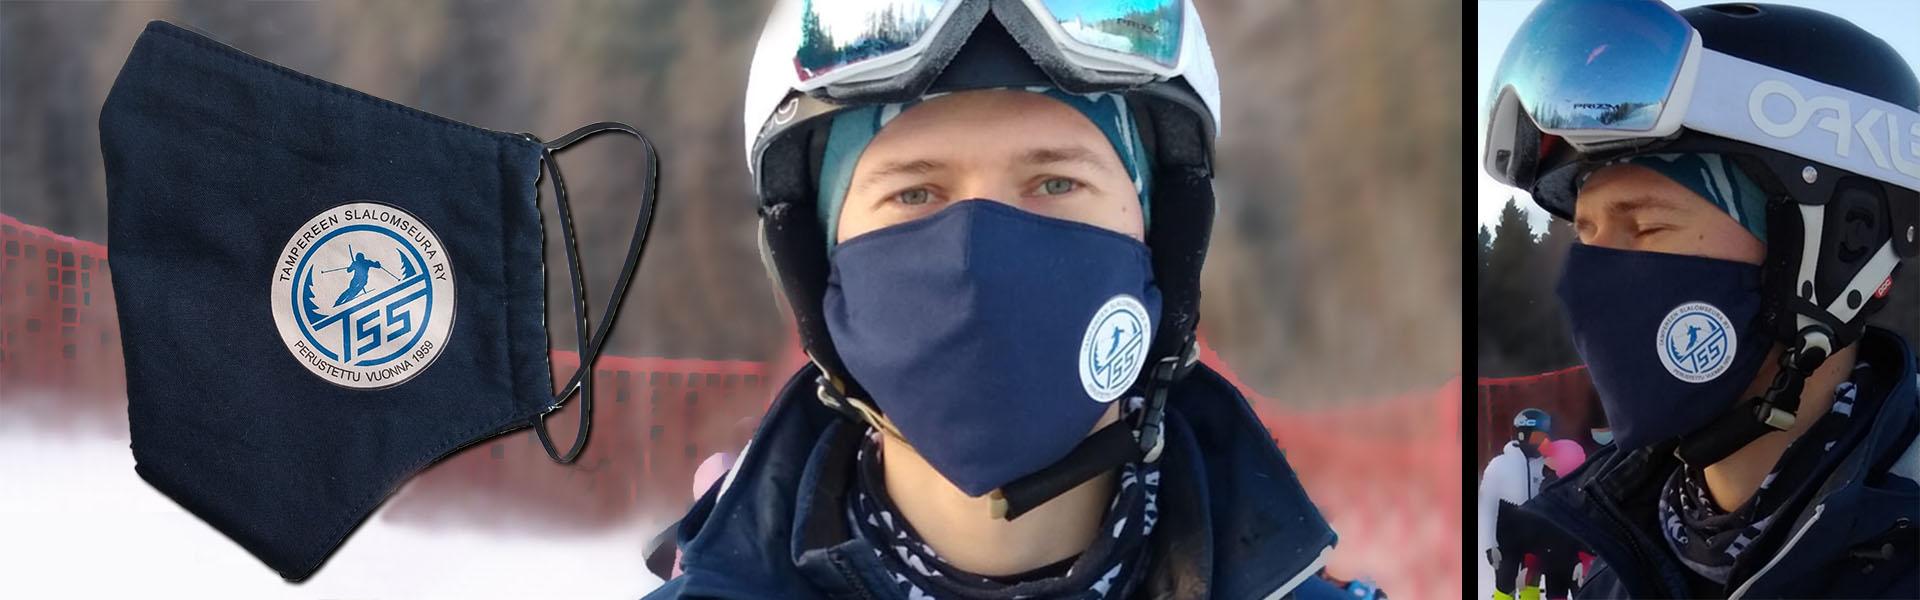 Persoonalliset kangasmaskit omalla painatuksella | Pokaalipojat - Tampere